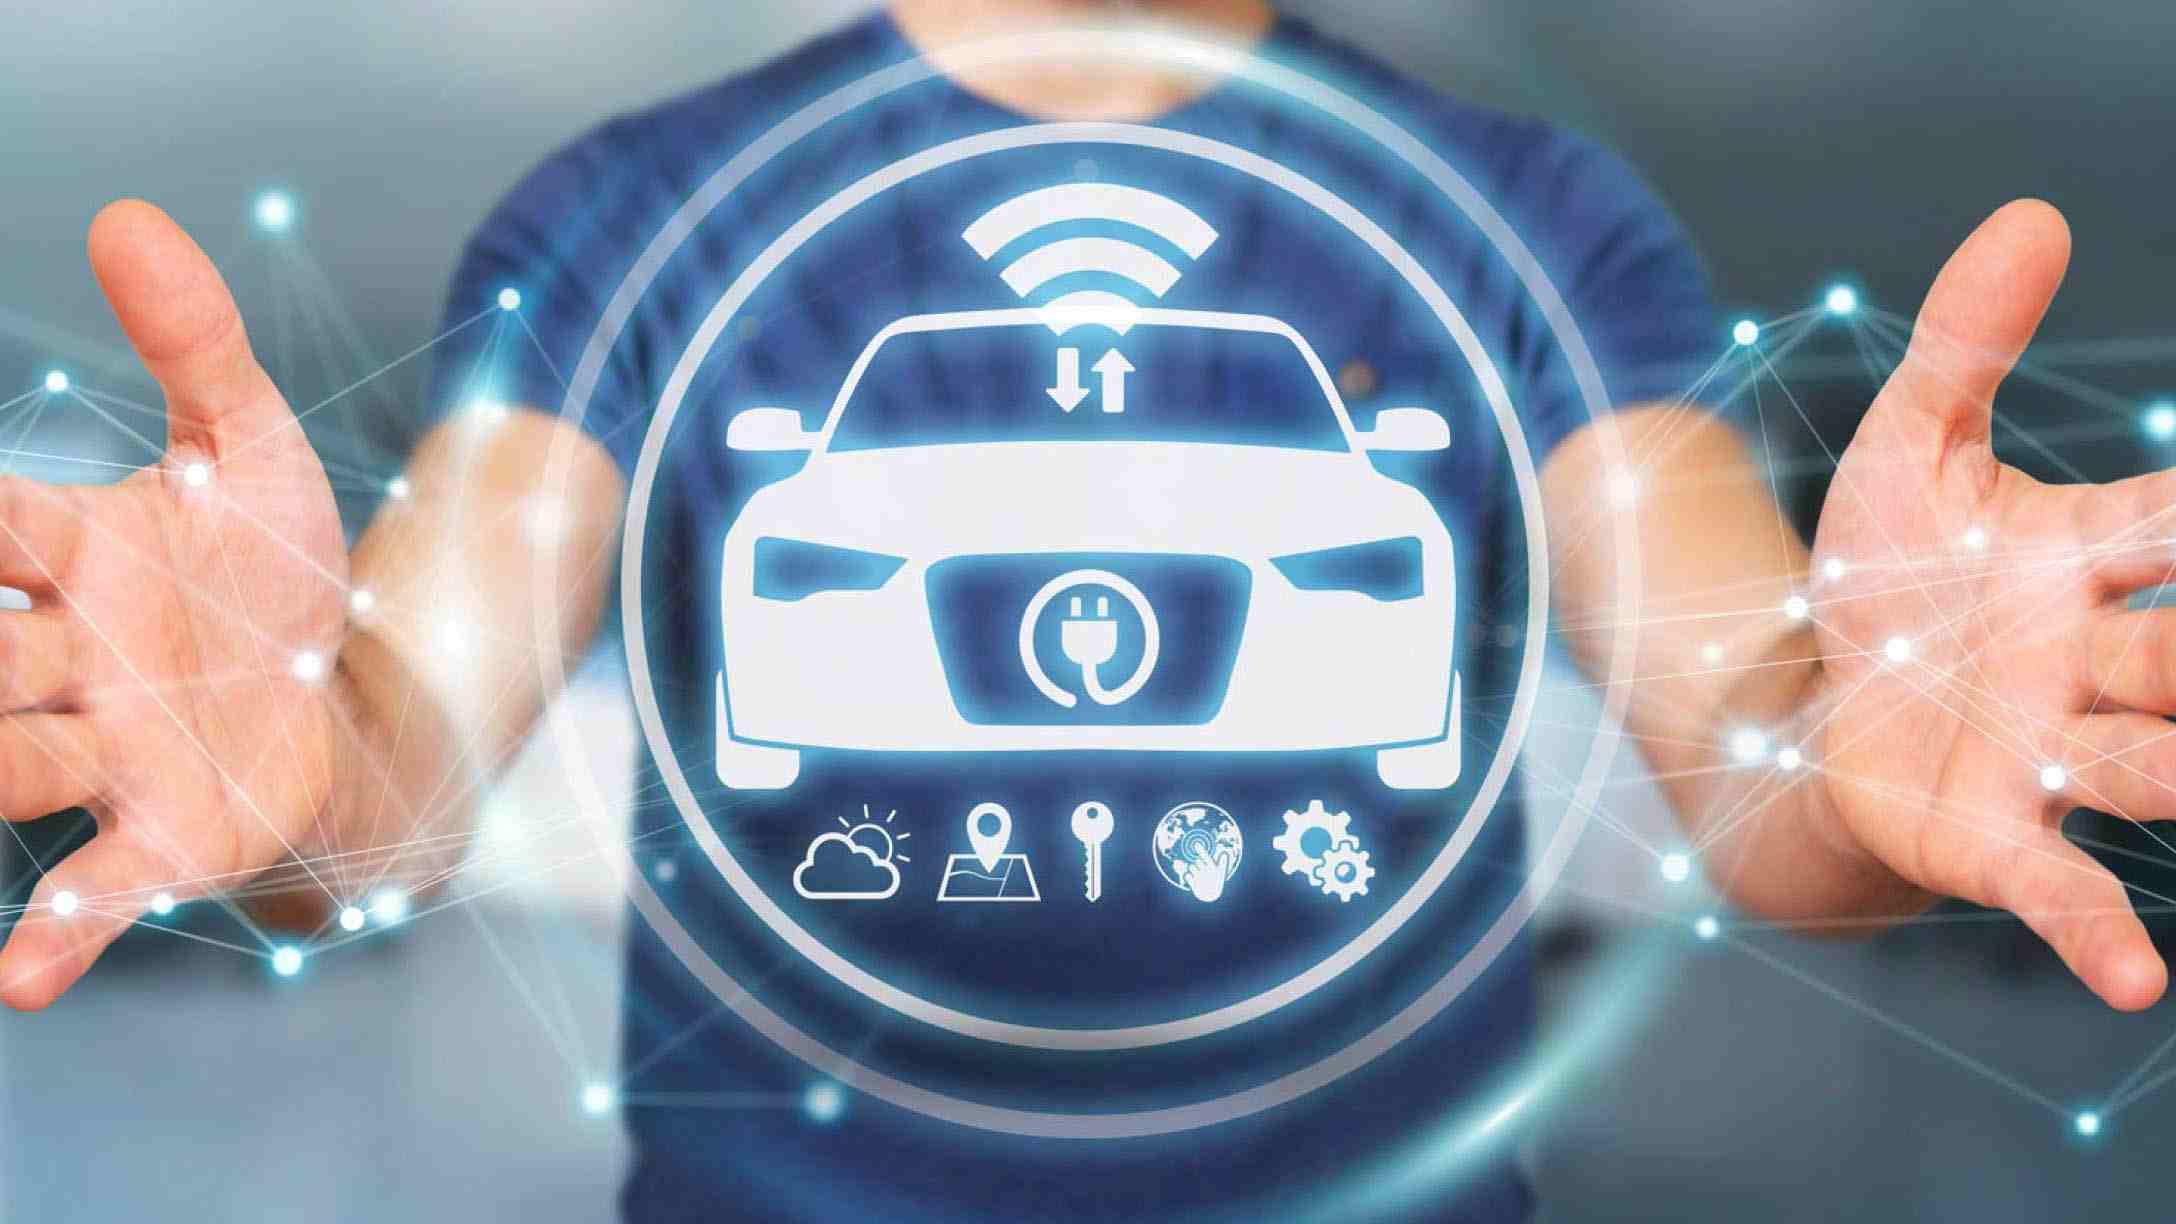 Holograma de vehículo eléctrico frente a una persona, delimitándolo con las manos